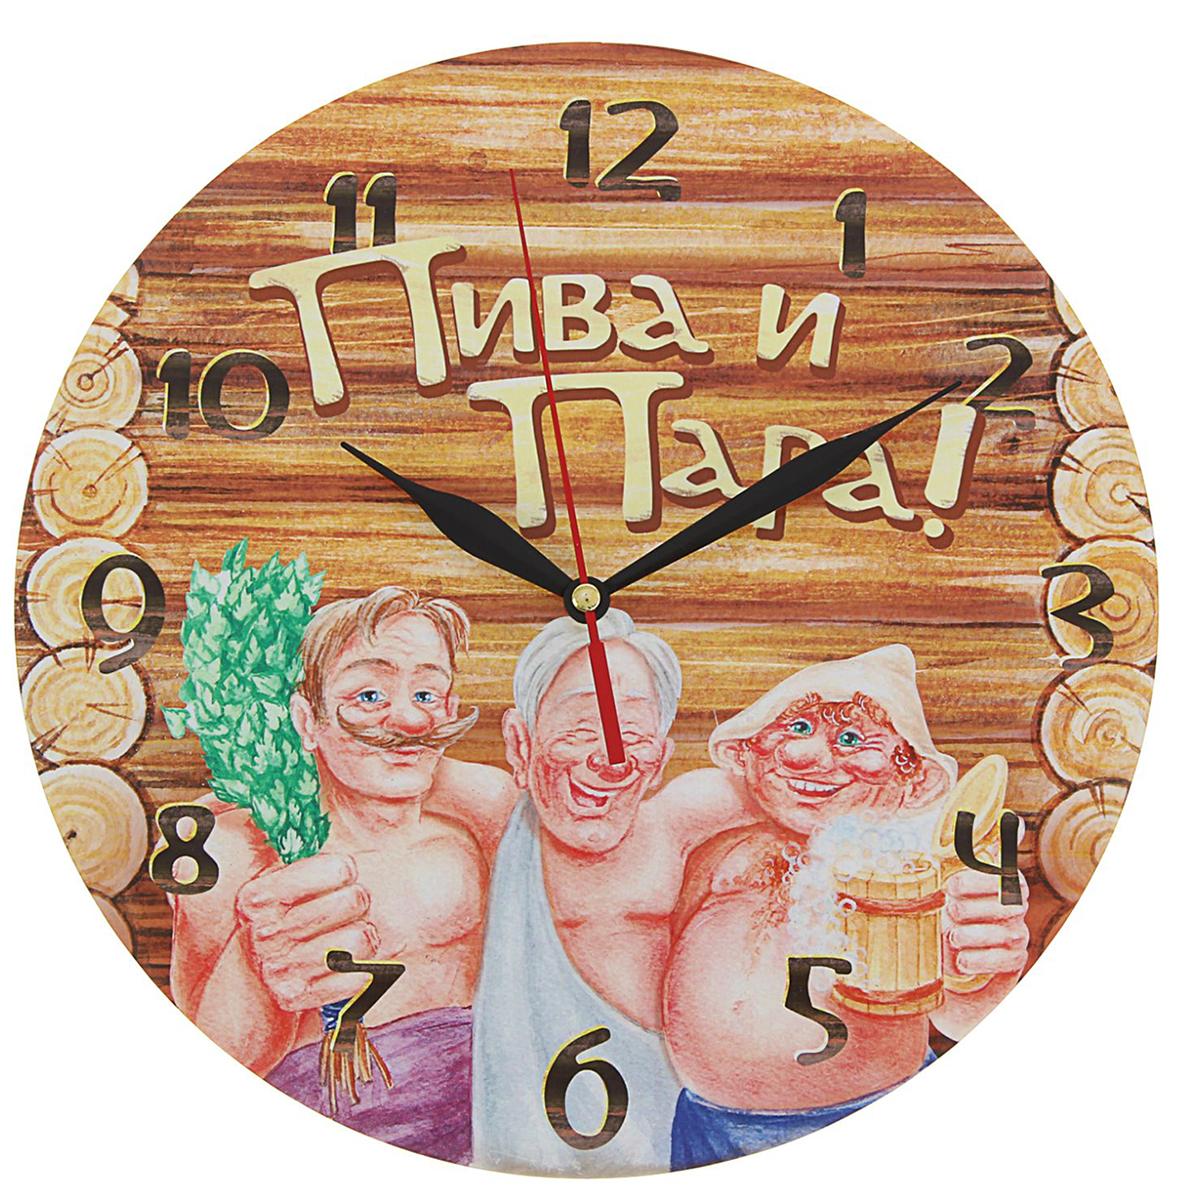 Часы настенные Пива и пара, диаметр 25 см1275404Проводите время с пользой Настоящий мужской отдых невозможен без хорошей бани! Чтобы не потерять ощущение времени, проводя приятный досуг в отличной компании, повесьте на стену часы, но не простые, а те, что отражают настроение и вписываются в интерьер. Наши часы с пожеланием «Русская баня» станут полезным приобретением, которое будет долго радовать владельца. Если стрелки остановятся, поменяйте батарейку и вперед — париться и отдыхать!Часы Пива и пара полноцветная печать, O25 см 1275404